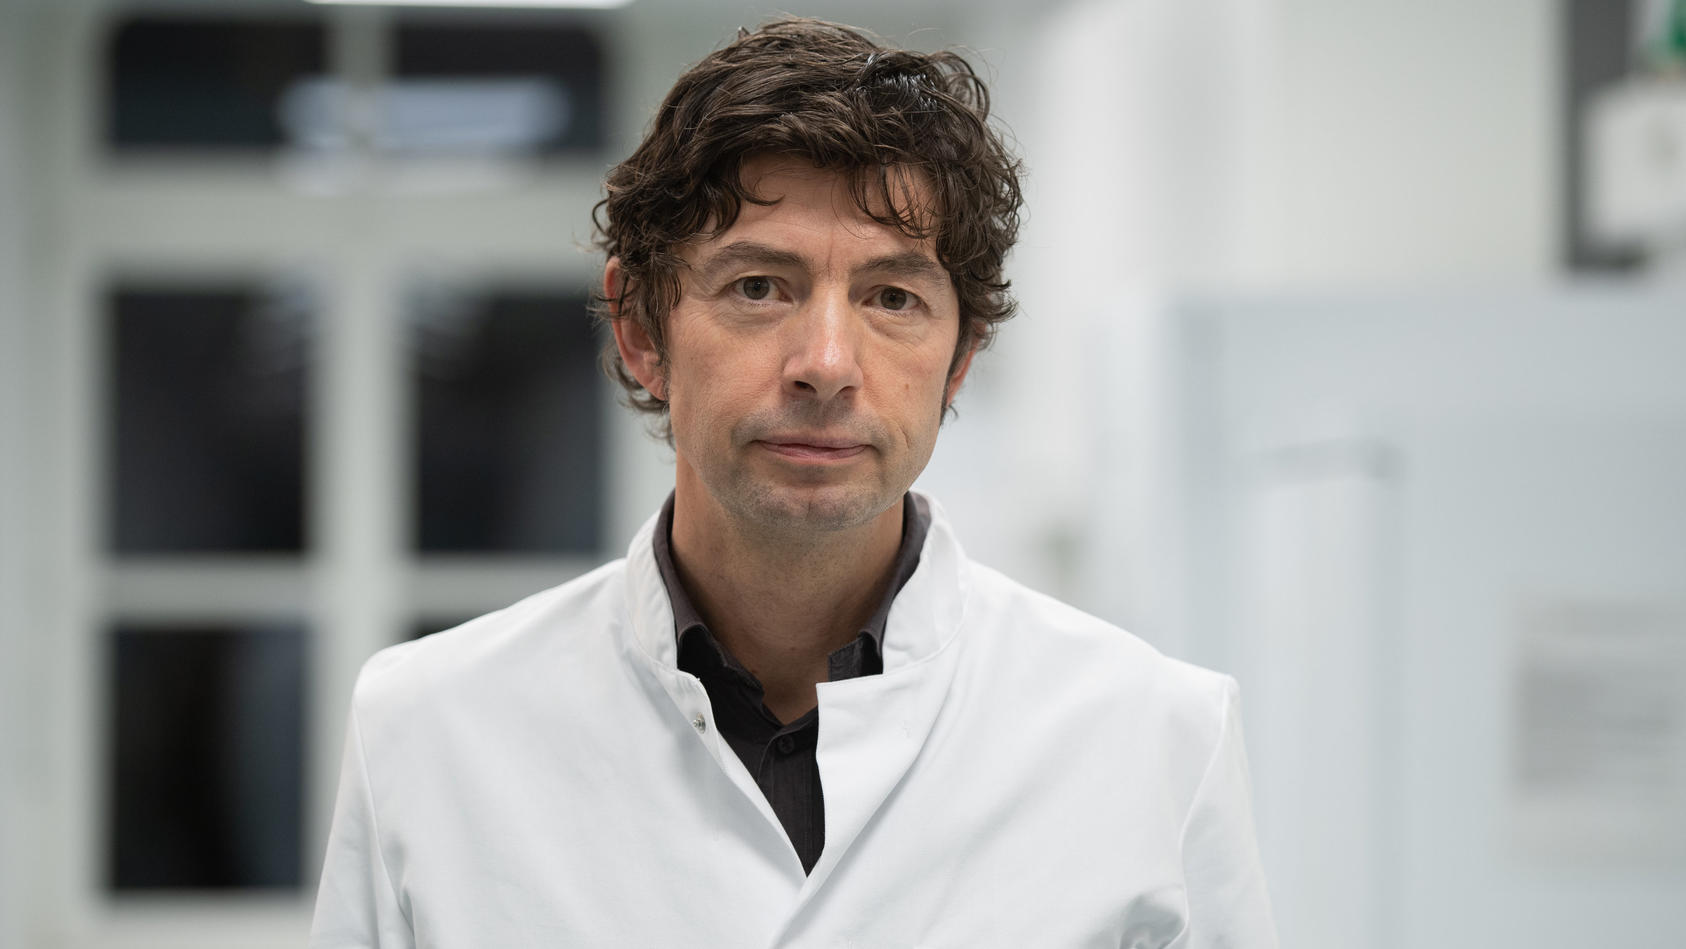 Virologe Christian Drosten hat eine Strategie gegen einen erneuten Lockdown.